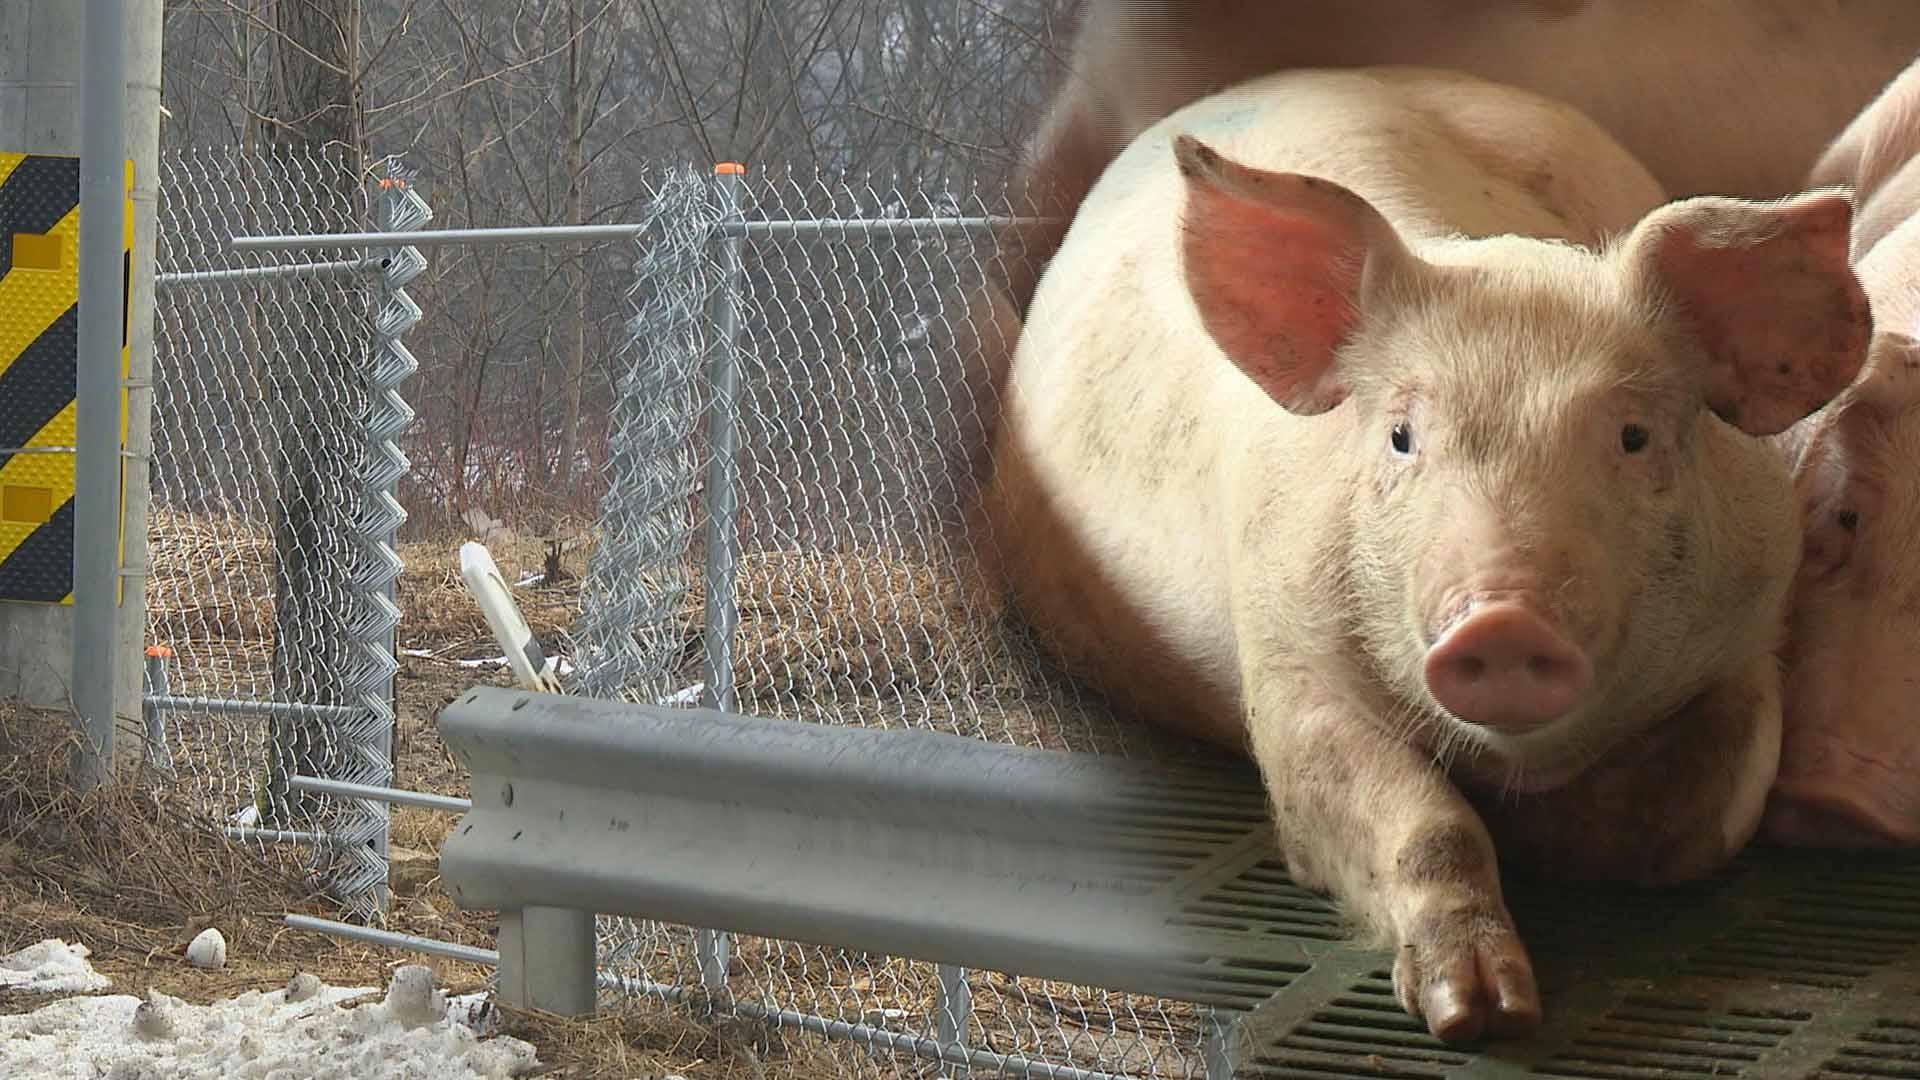 1천억 원 들인 돼지열병 저지 광역울타리 포기